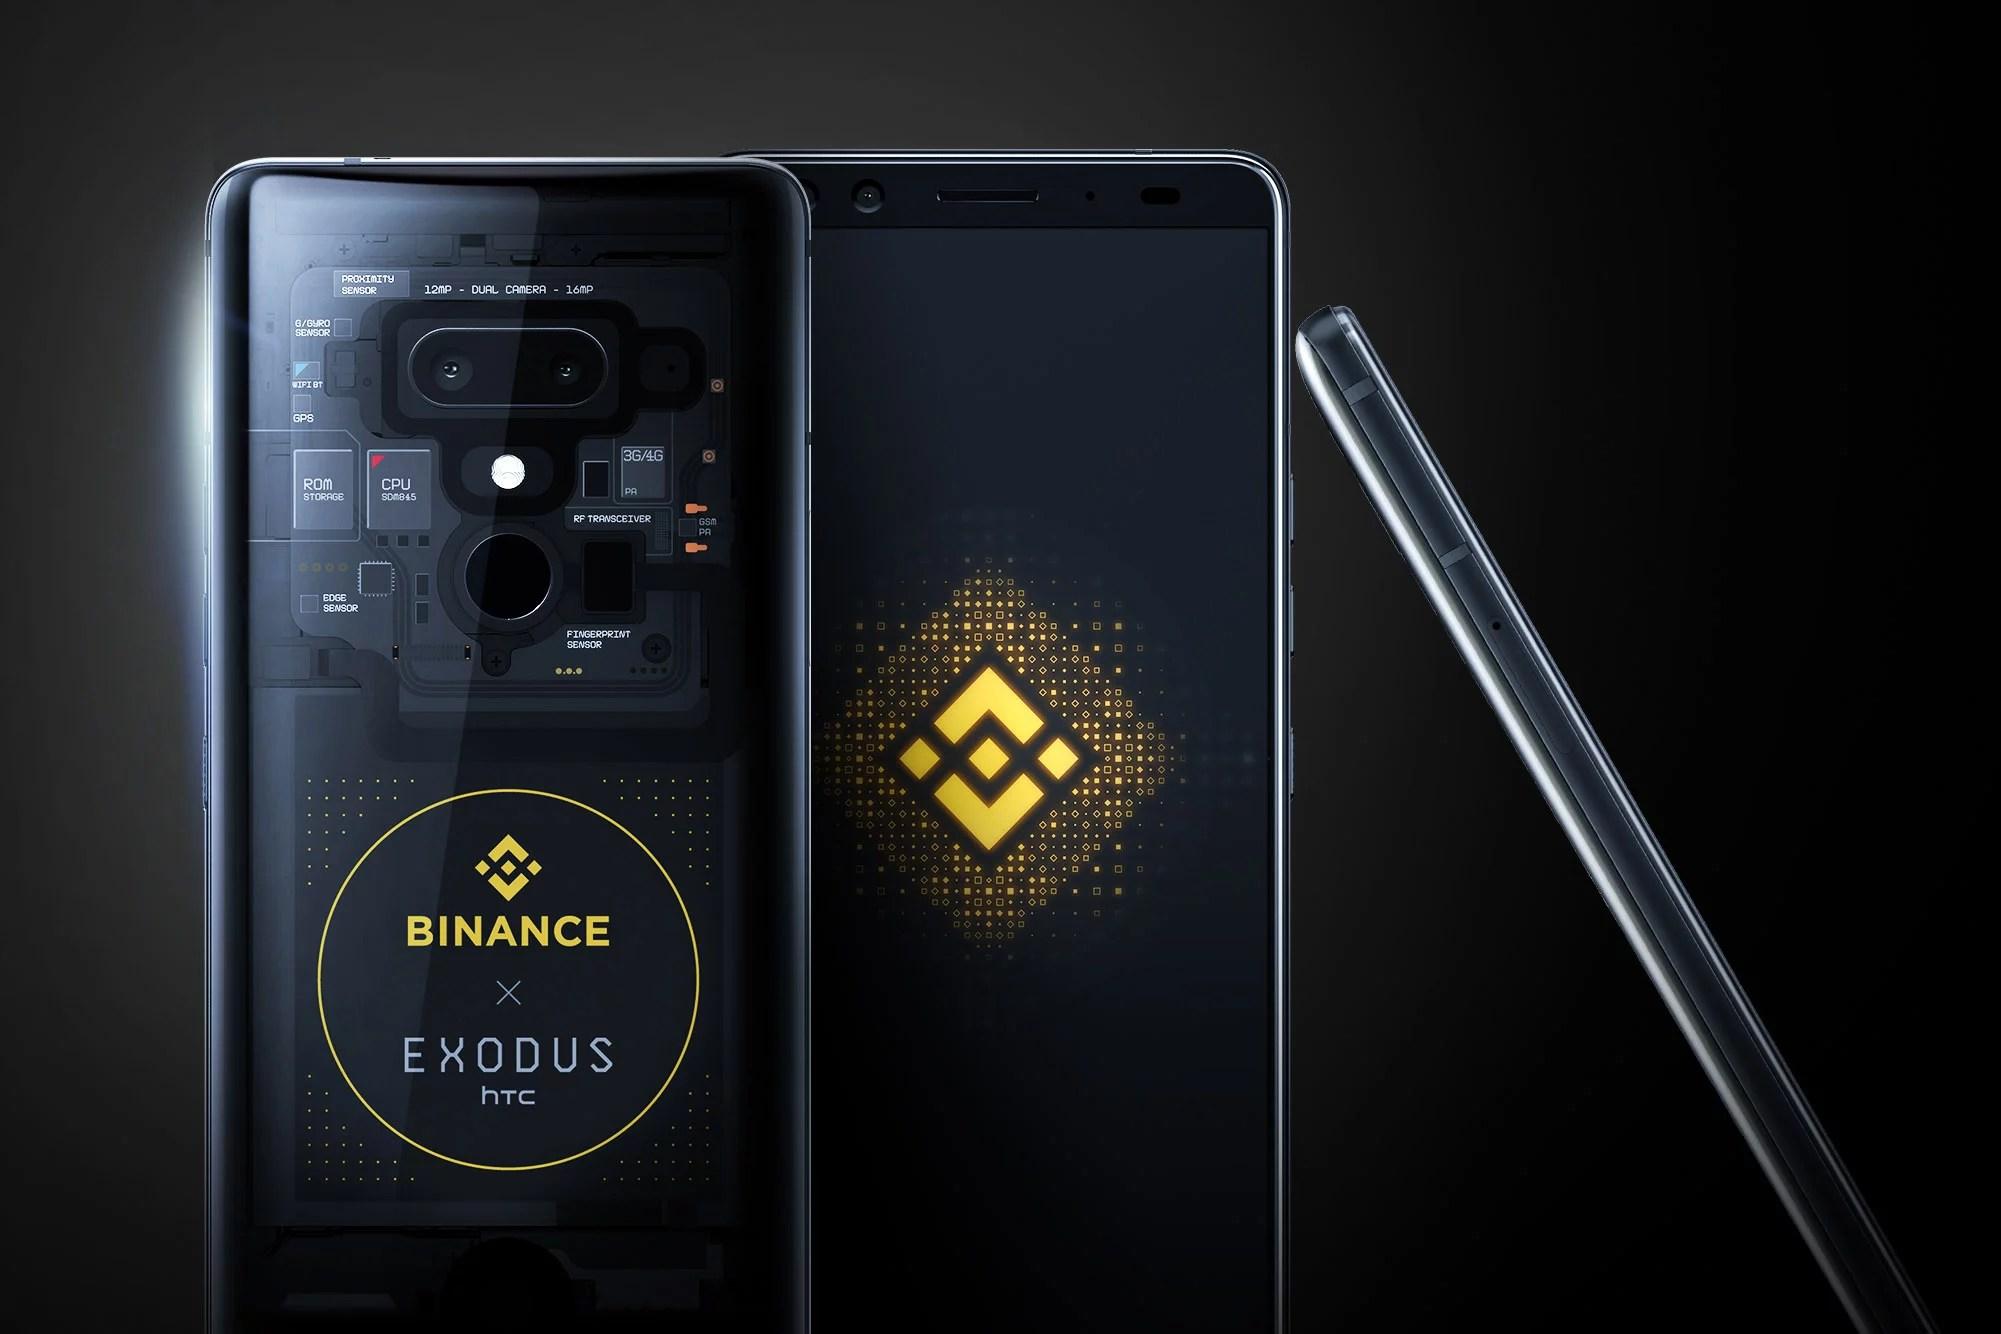 HTC y Binance inician la venta de la edición limitada del teléfono blockchain Exodus 1